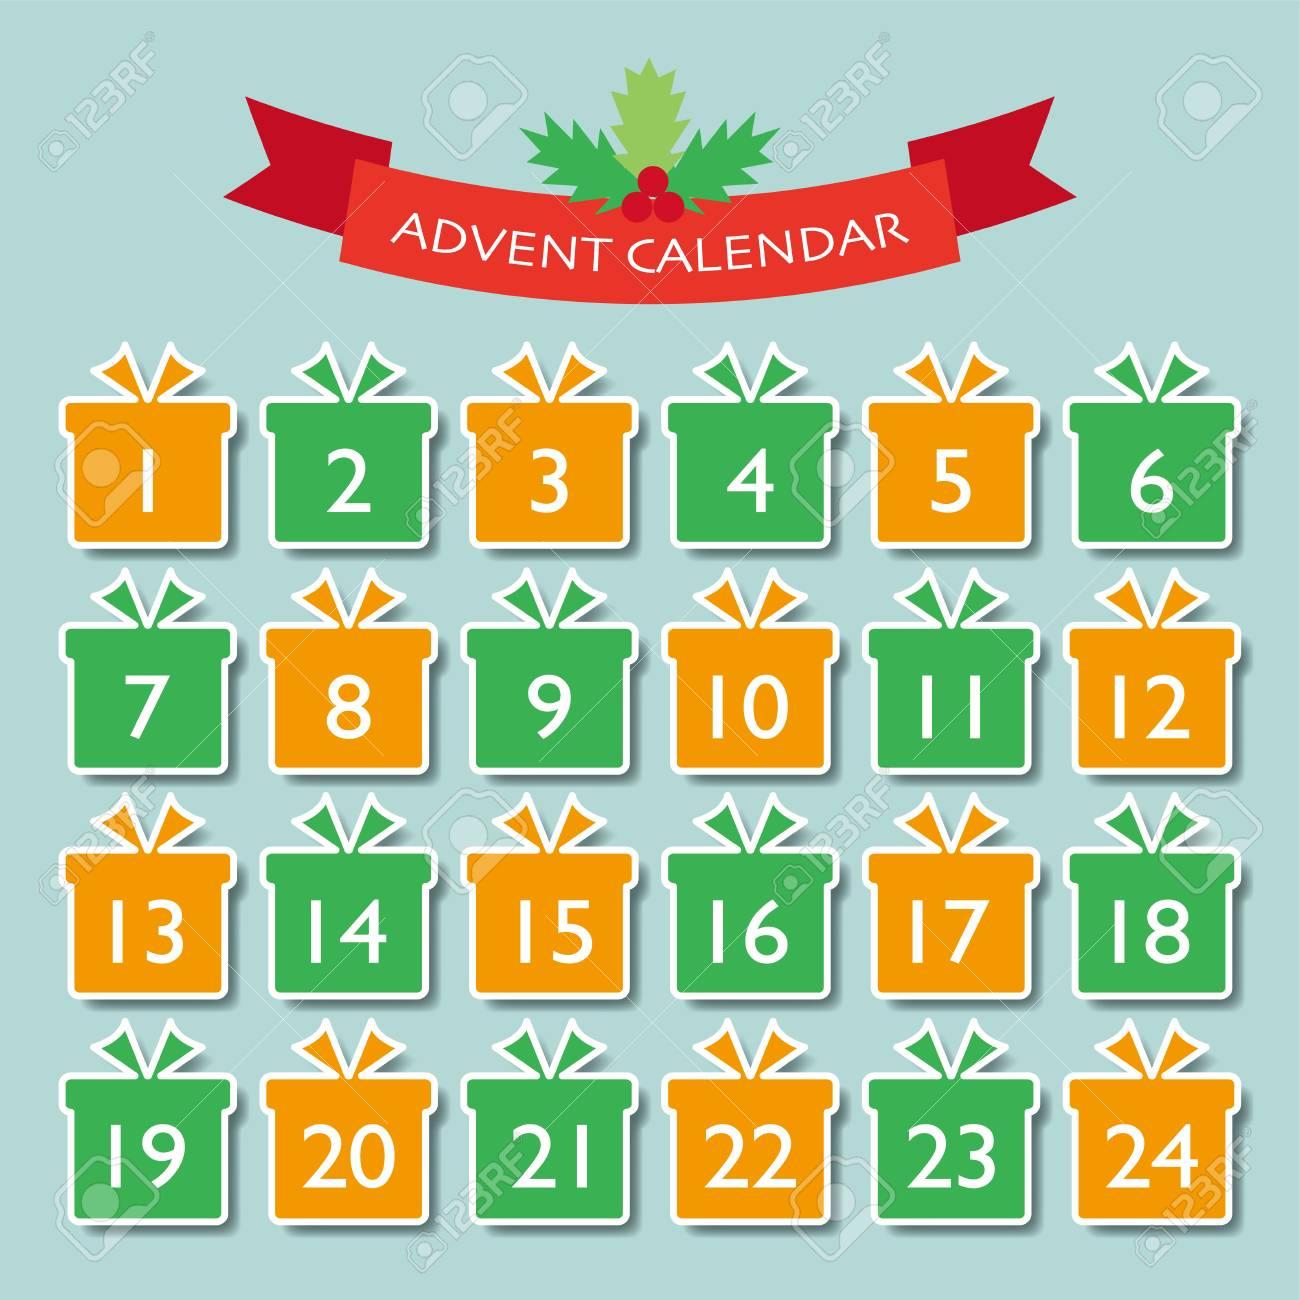 Adviento Calendario.Ilustracion De Vector De Navidad Adviento Calendario